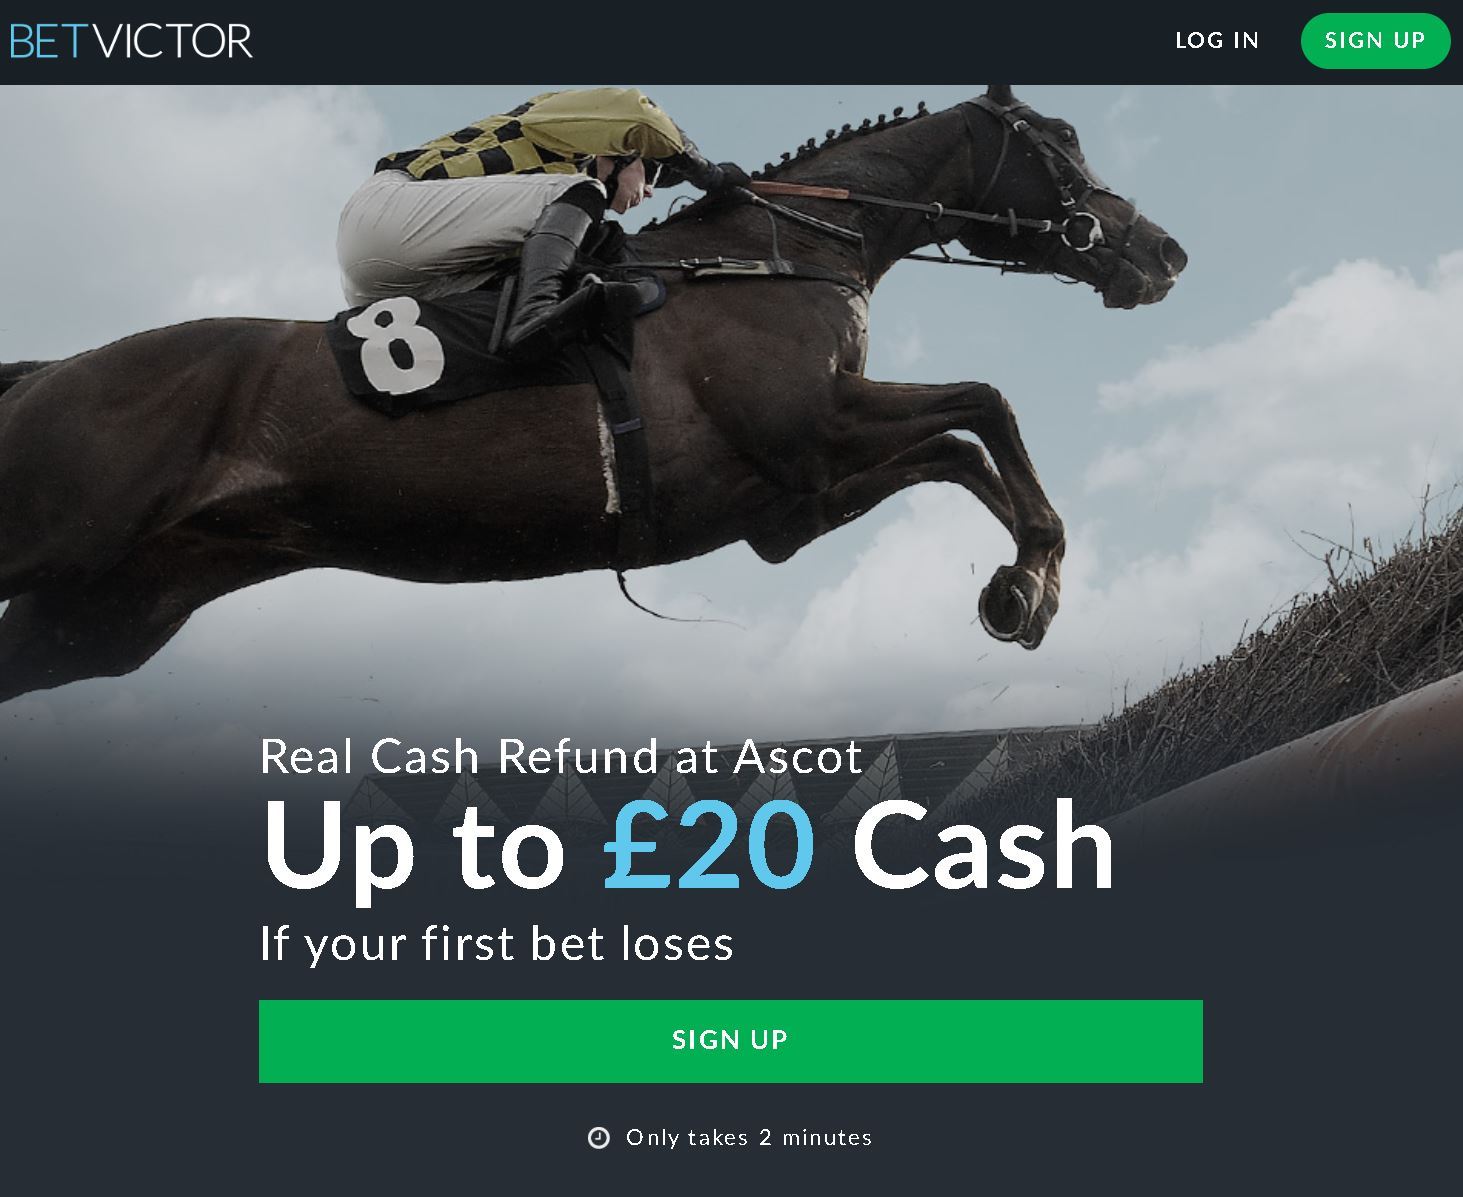 Bet Victor sign-up offer